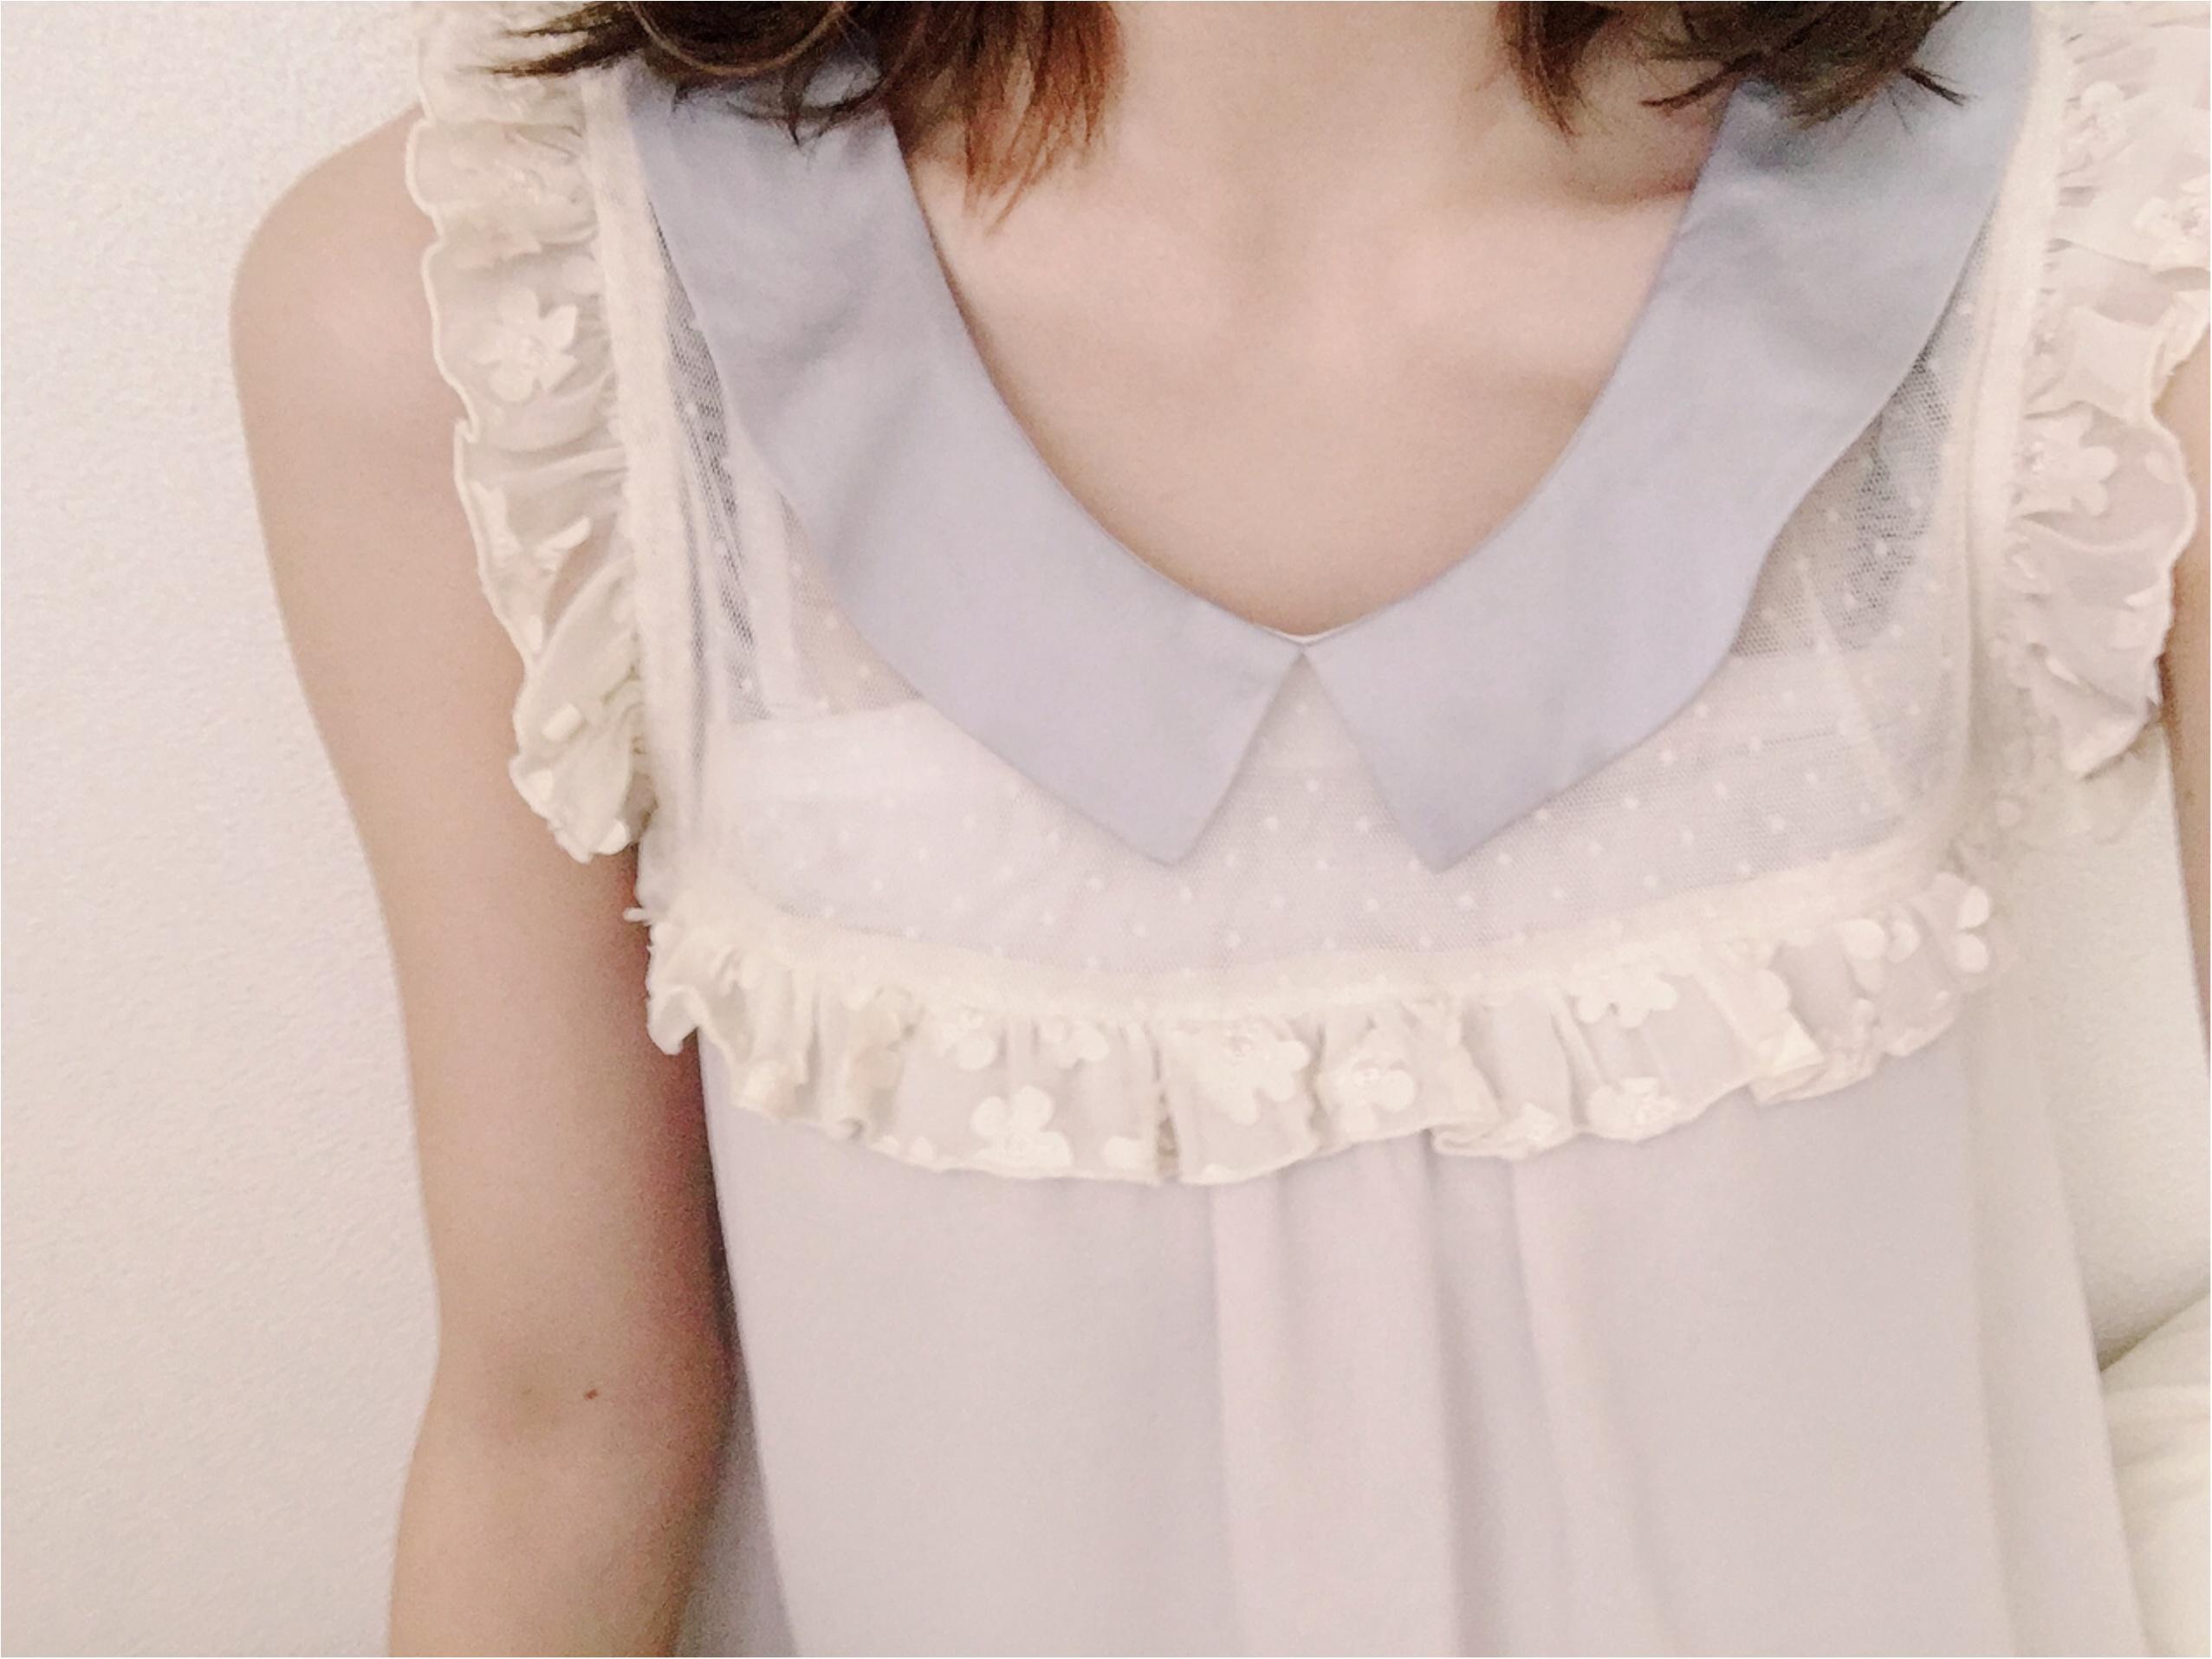 ★《flower》トップス×《UNIQLO》デニム=きれいめカジュアル♡♡_2